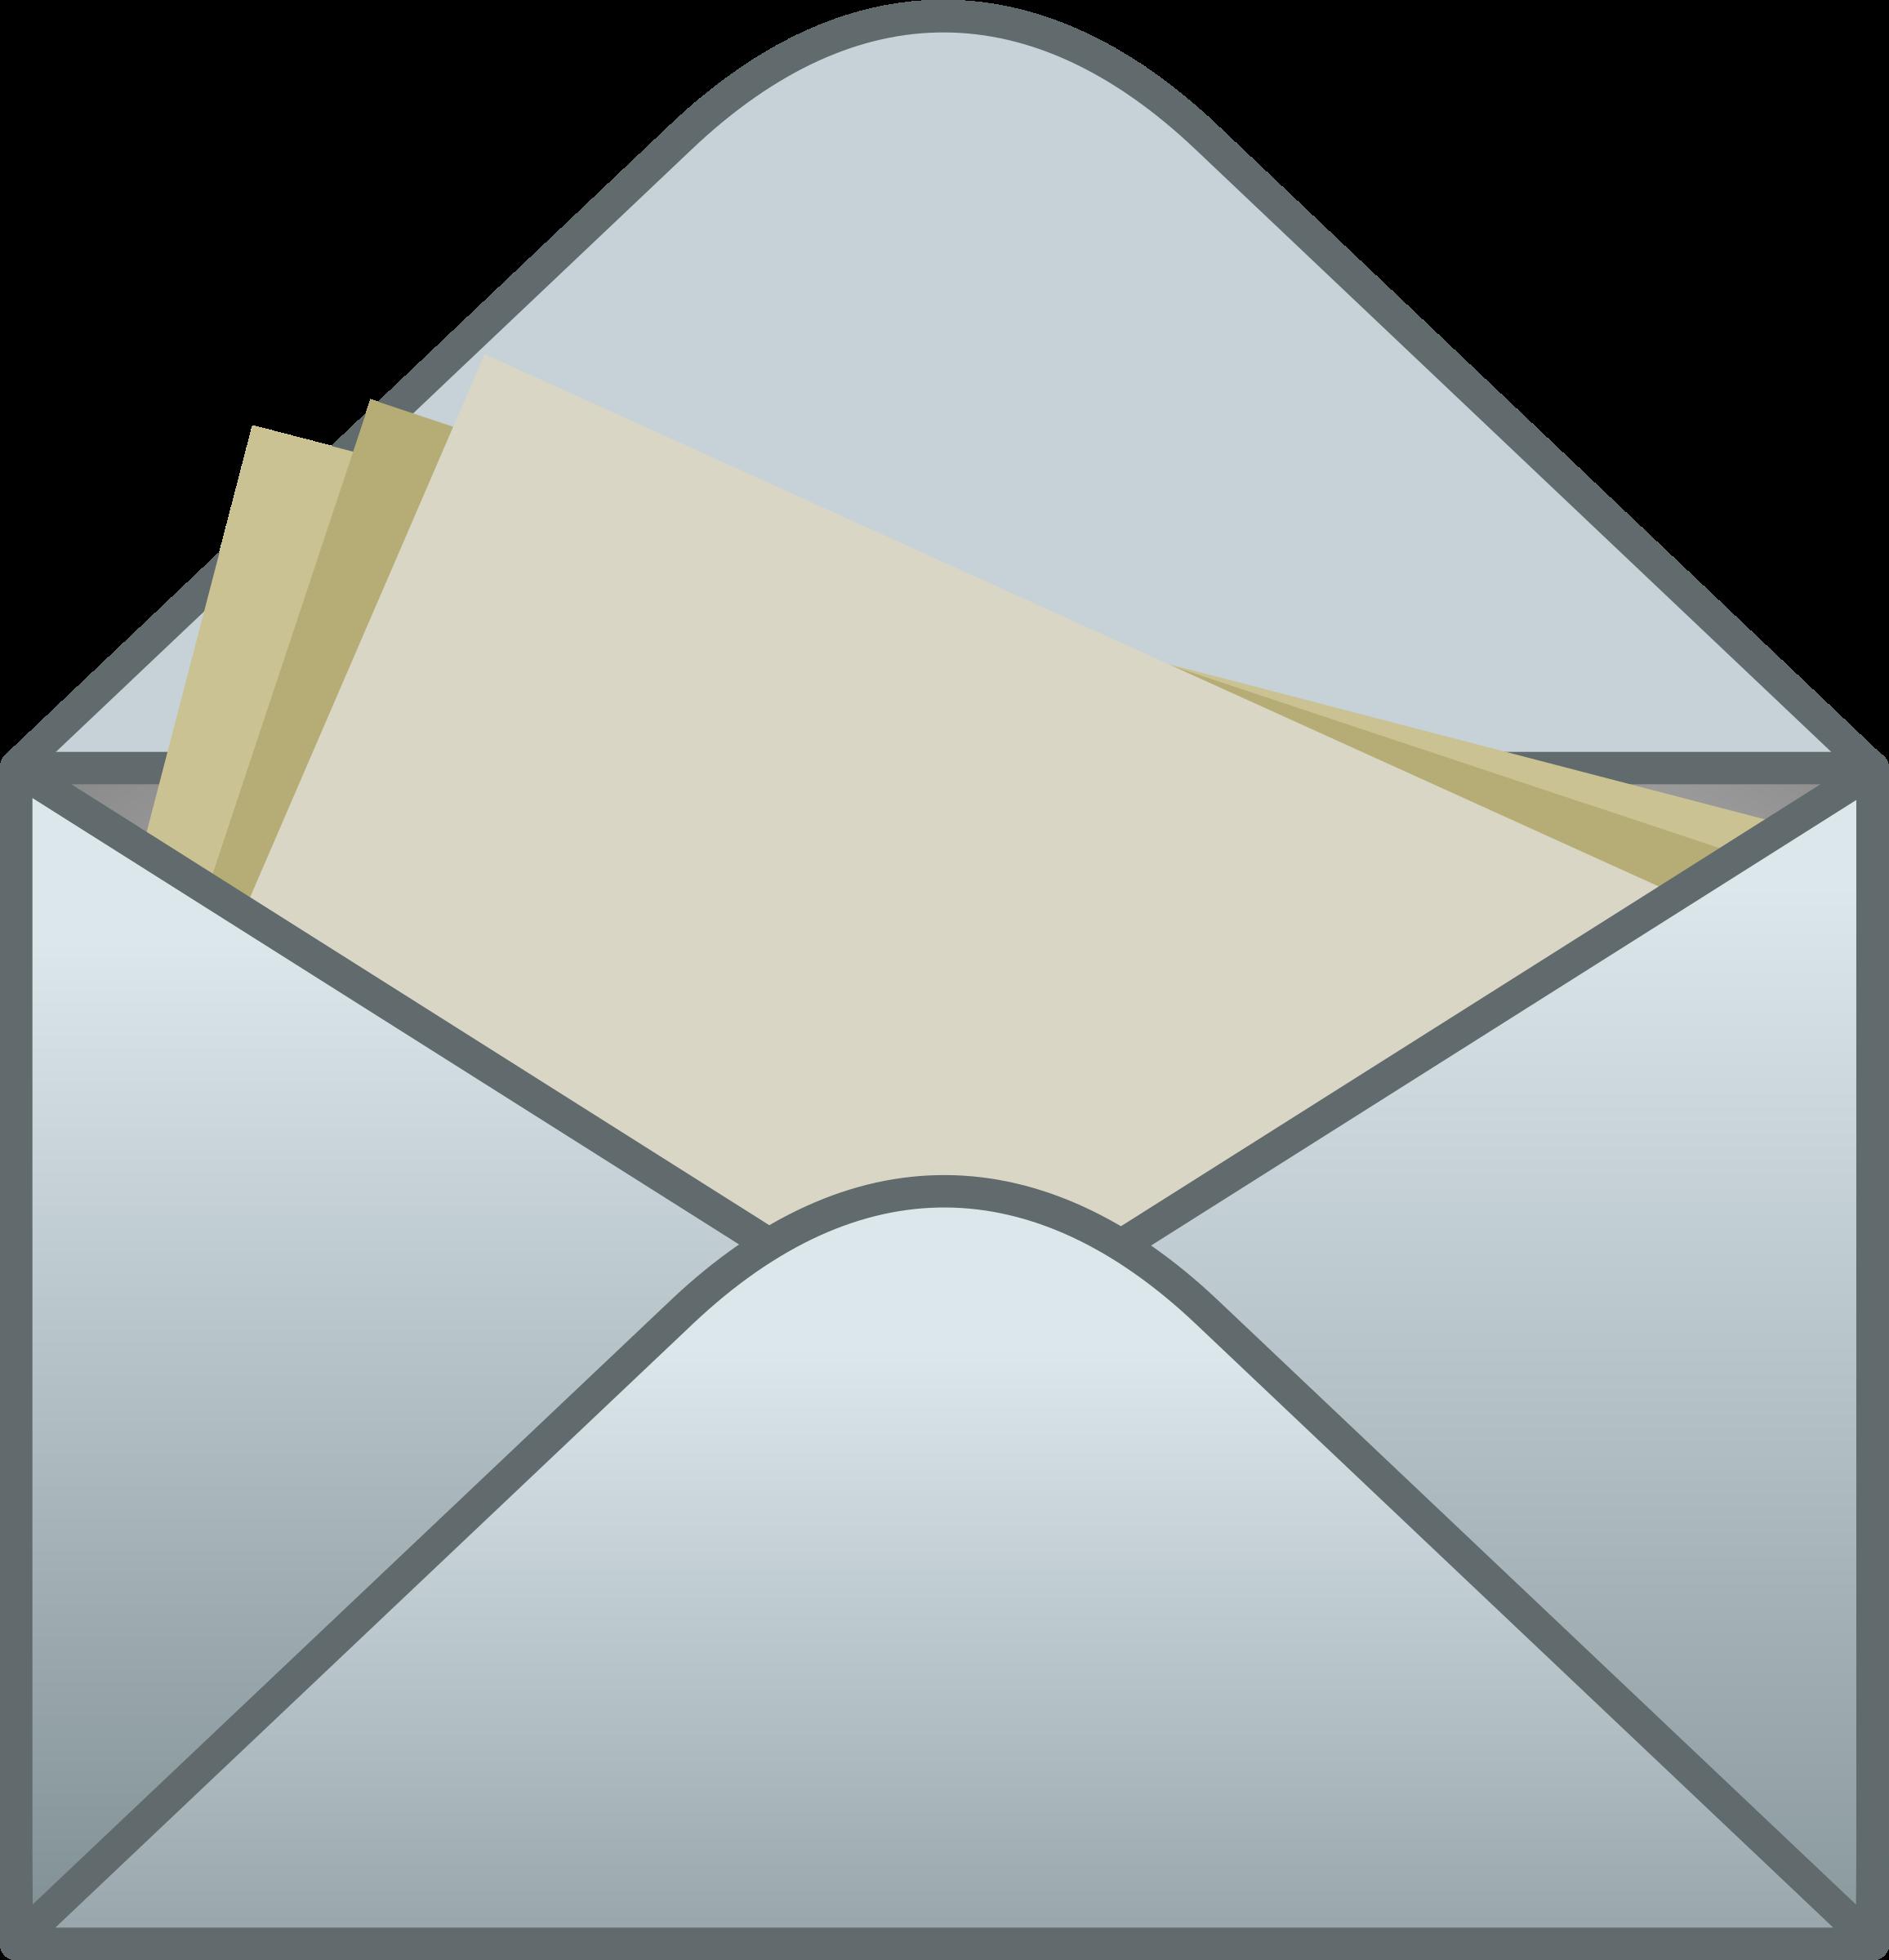 image freeuse download Big image png. Envelope clipart